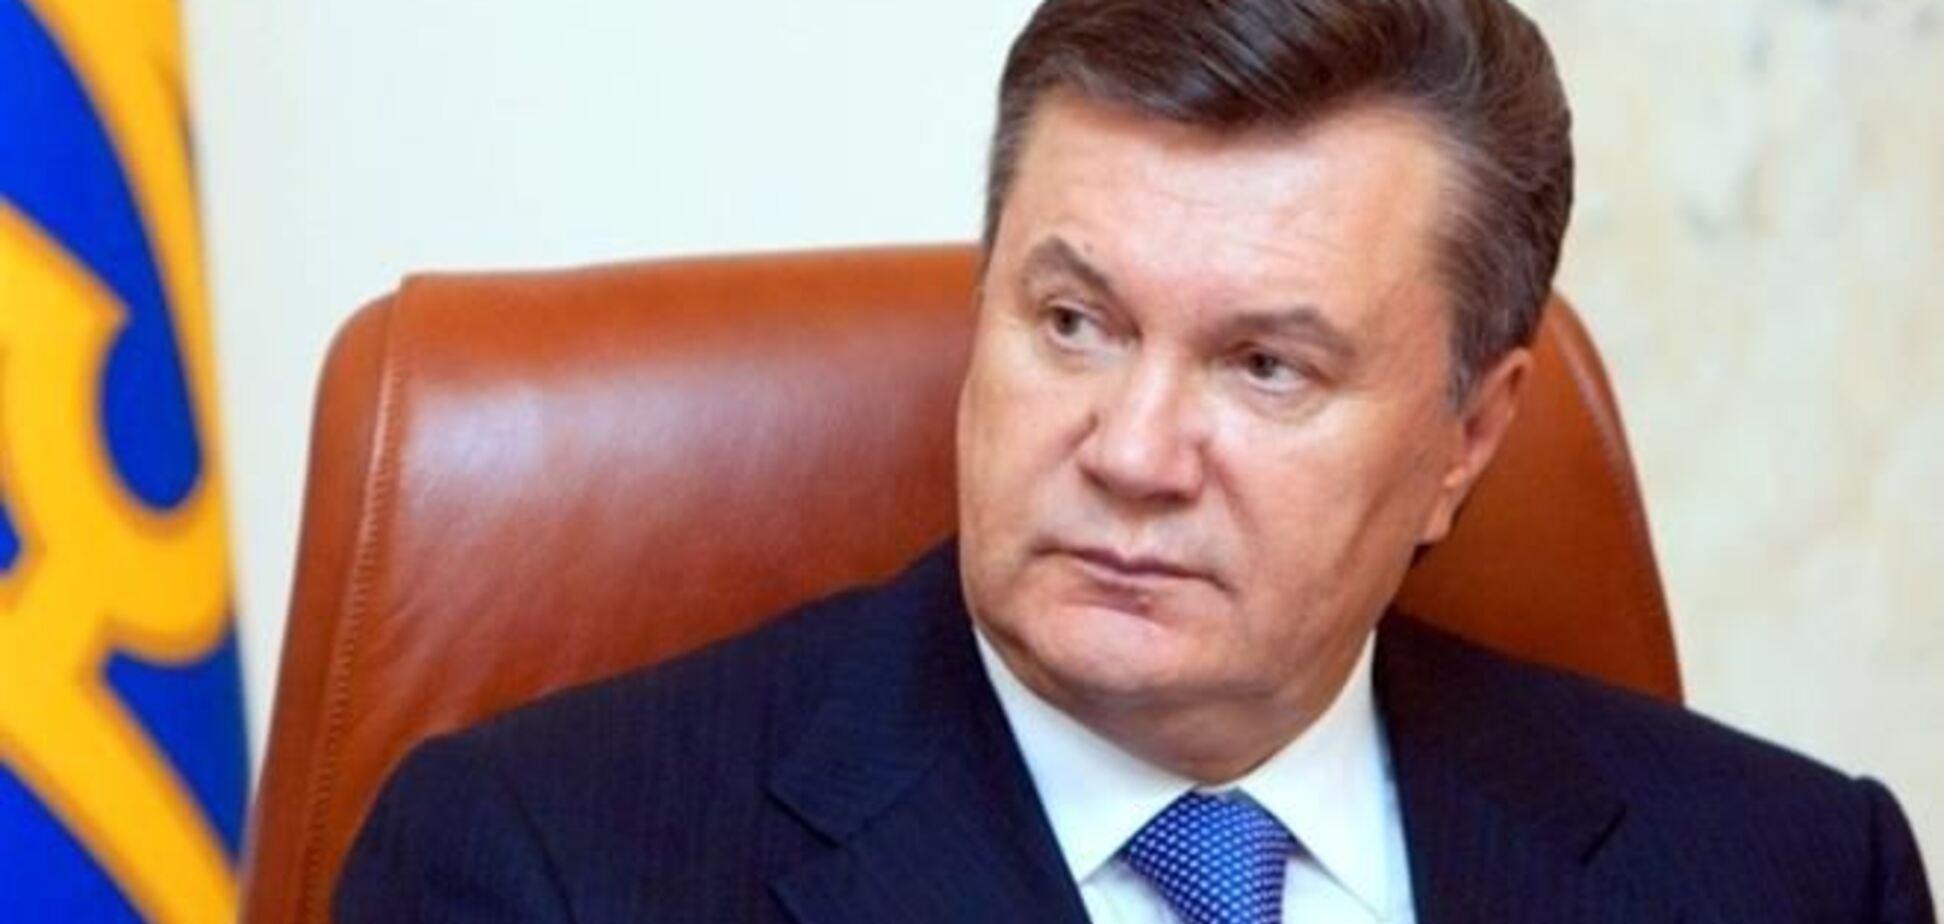 Российские СМИ: Янукович проводит экстренное совещание в 'Межигорье'